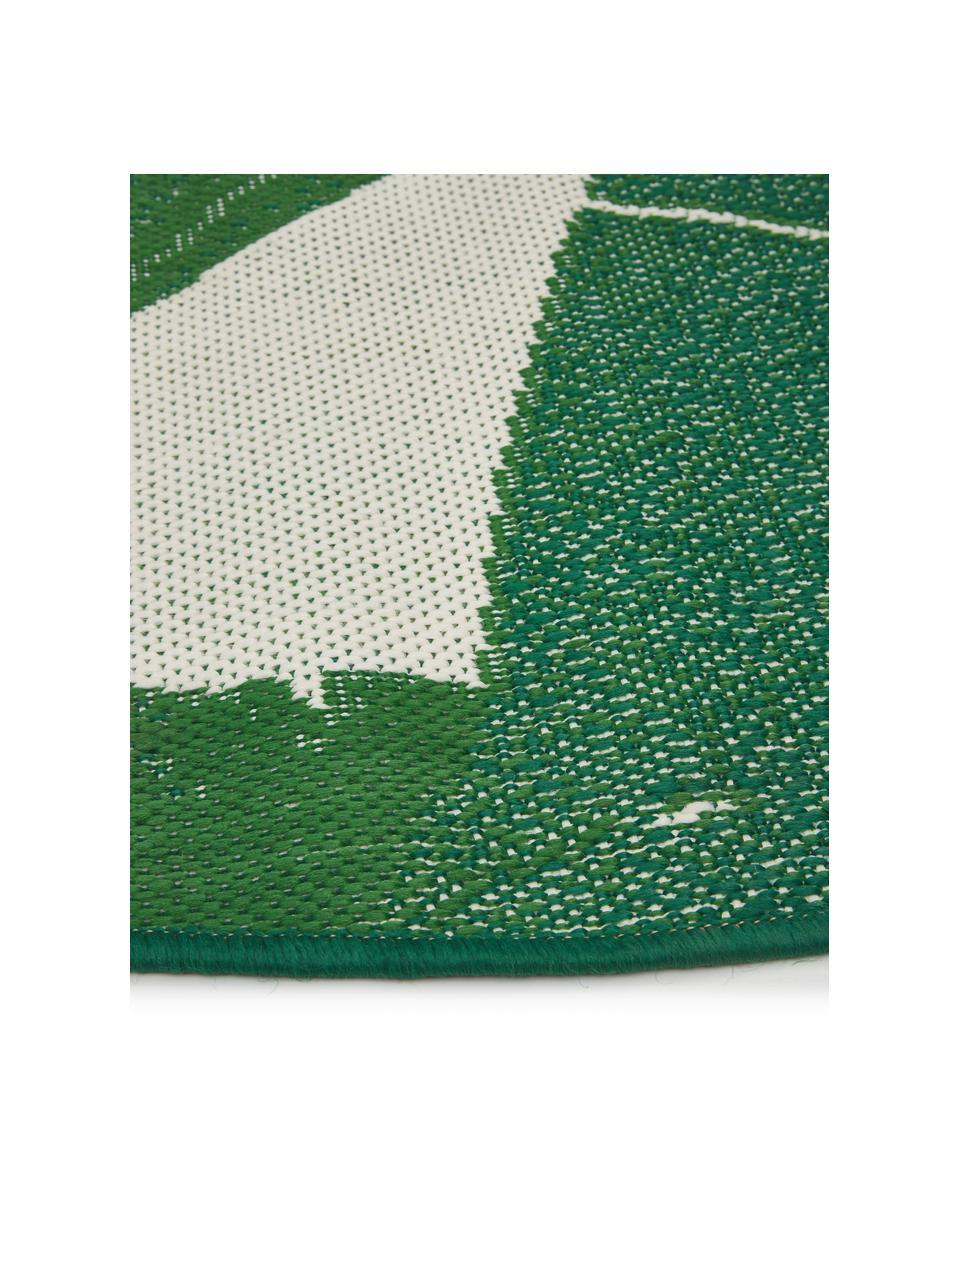 In- & Outdoor-Teppich Jungle mit Blattmuster, 86% Polypropylen, 14% Polyester, Weiß,Grün, Ø 140 cm (Größe M)